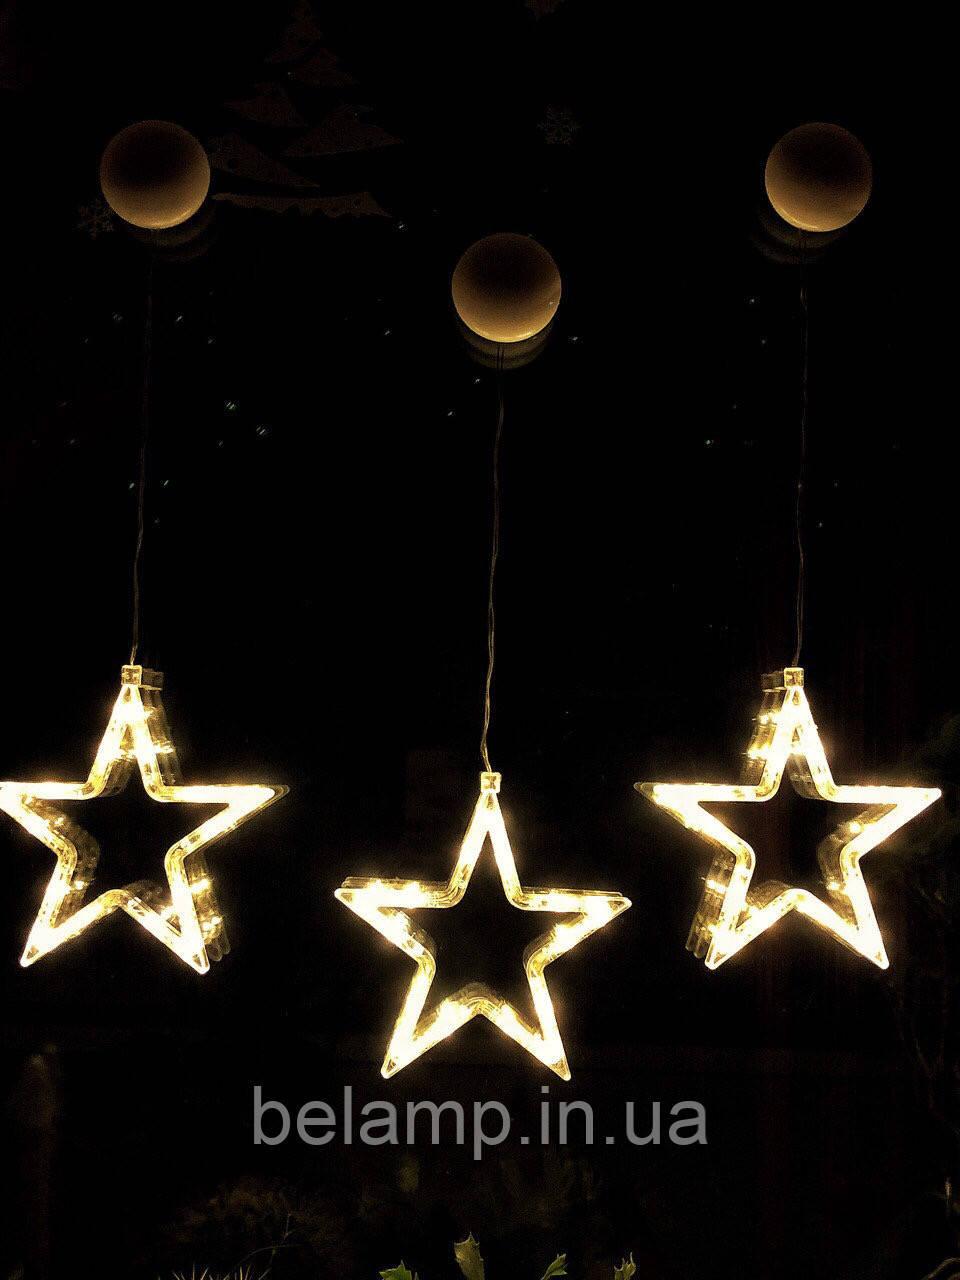 Новогодние украшение в виде звезды: белая теплая. Цена за 1 звезду